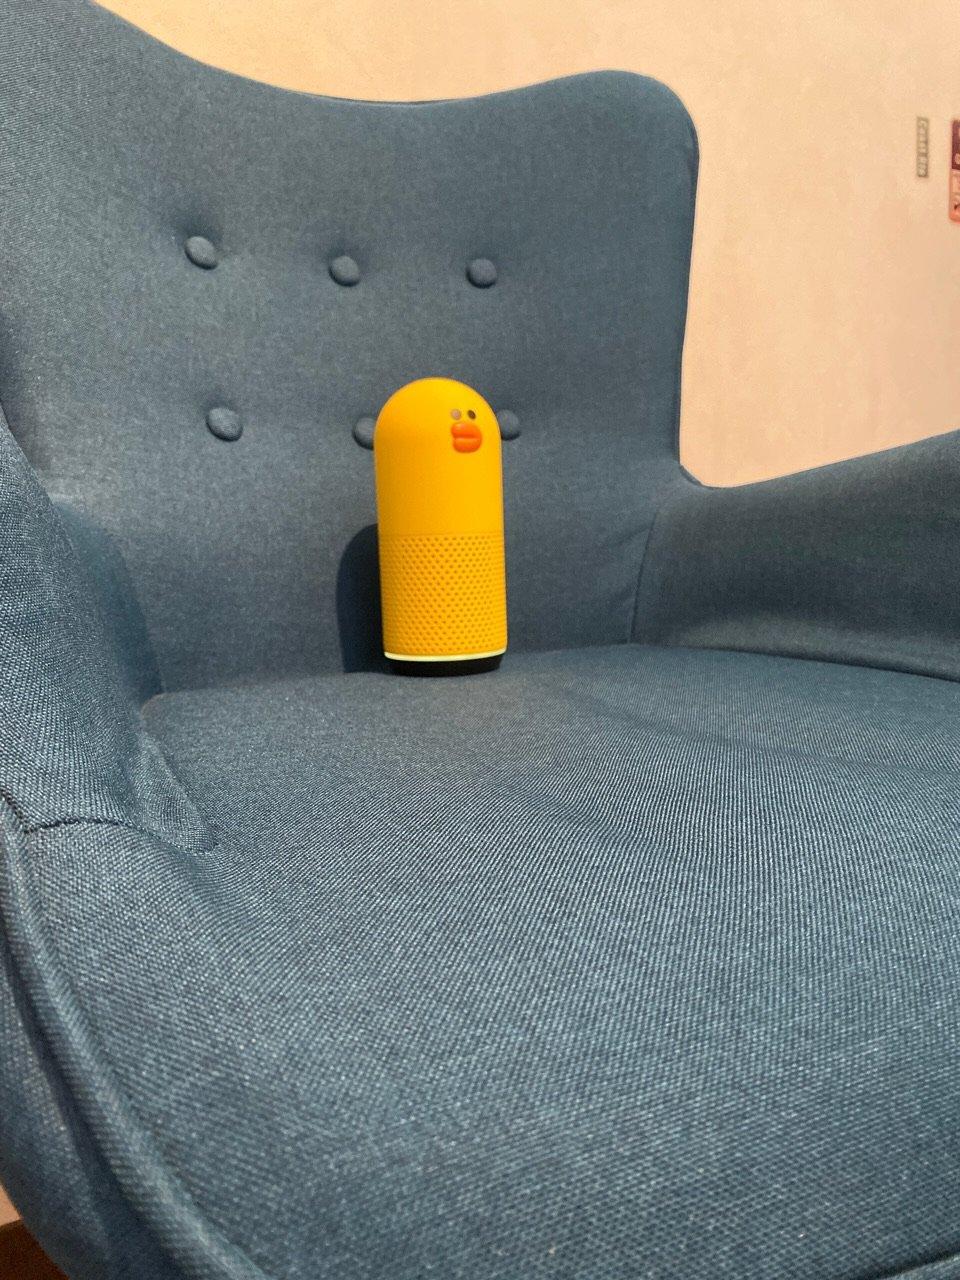 Vega Fabric Design Chair Grinapo Turquoise / 1年ぐらい使ってきたチェア。だいぶ座面がへたってきている気がする。何か乗せてへこんだ後なかなか戻らないし。 https://t.co/7neyXAIThy